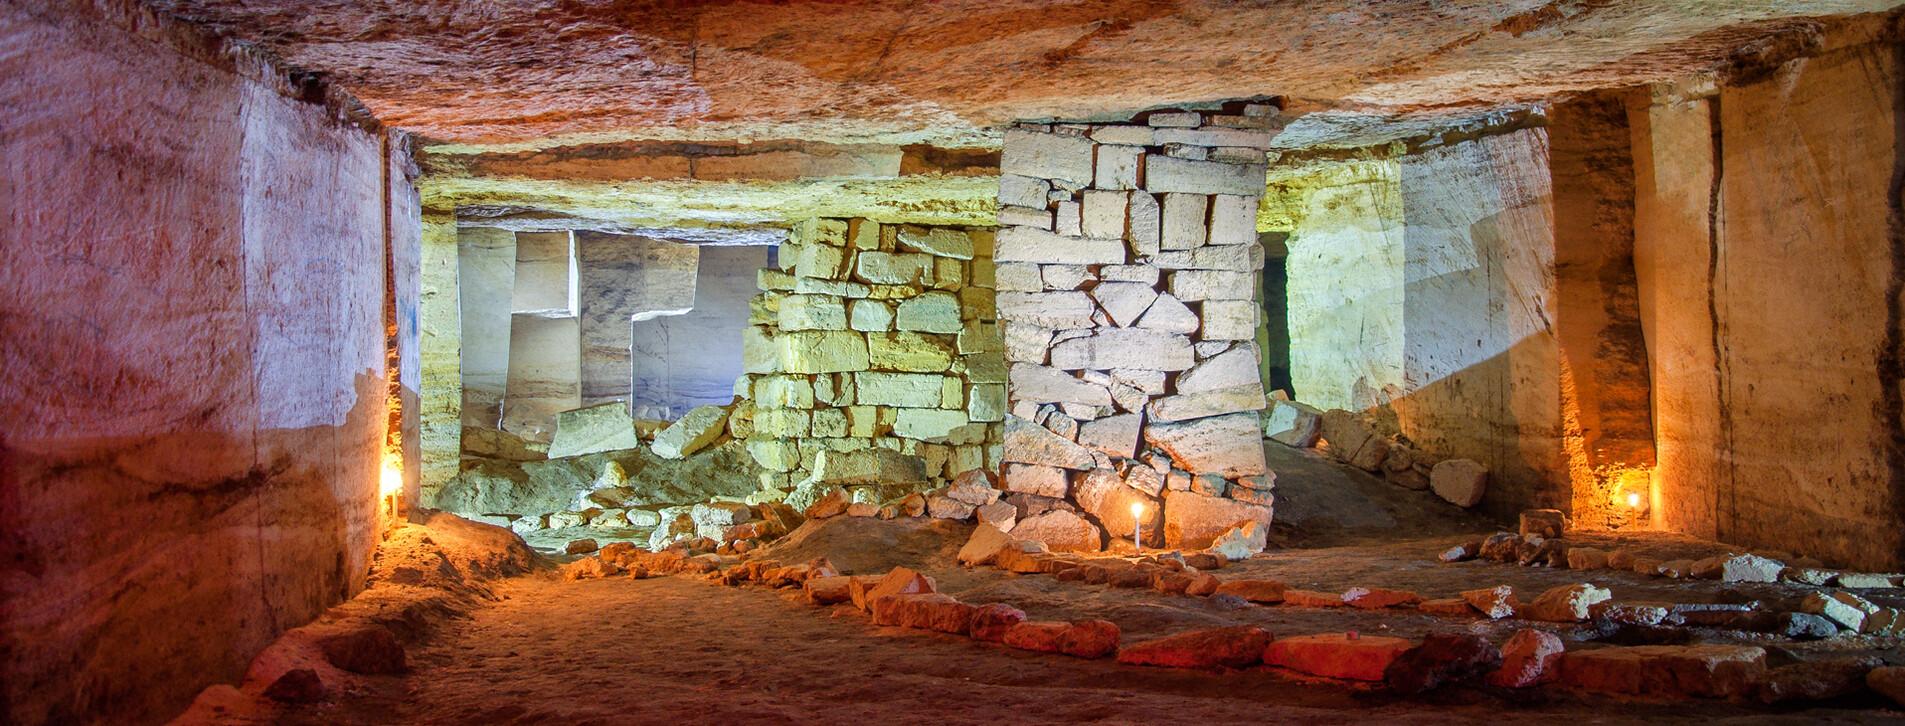 Фото 1 - Индивидуальная экскурсия в одесские катакомбы